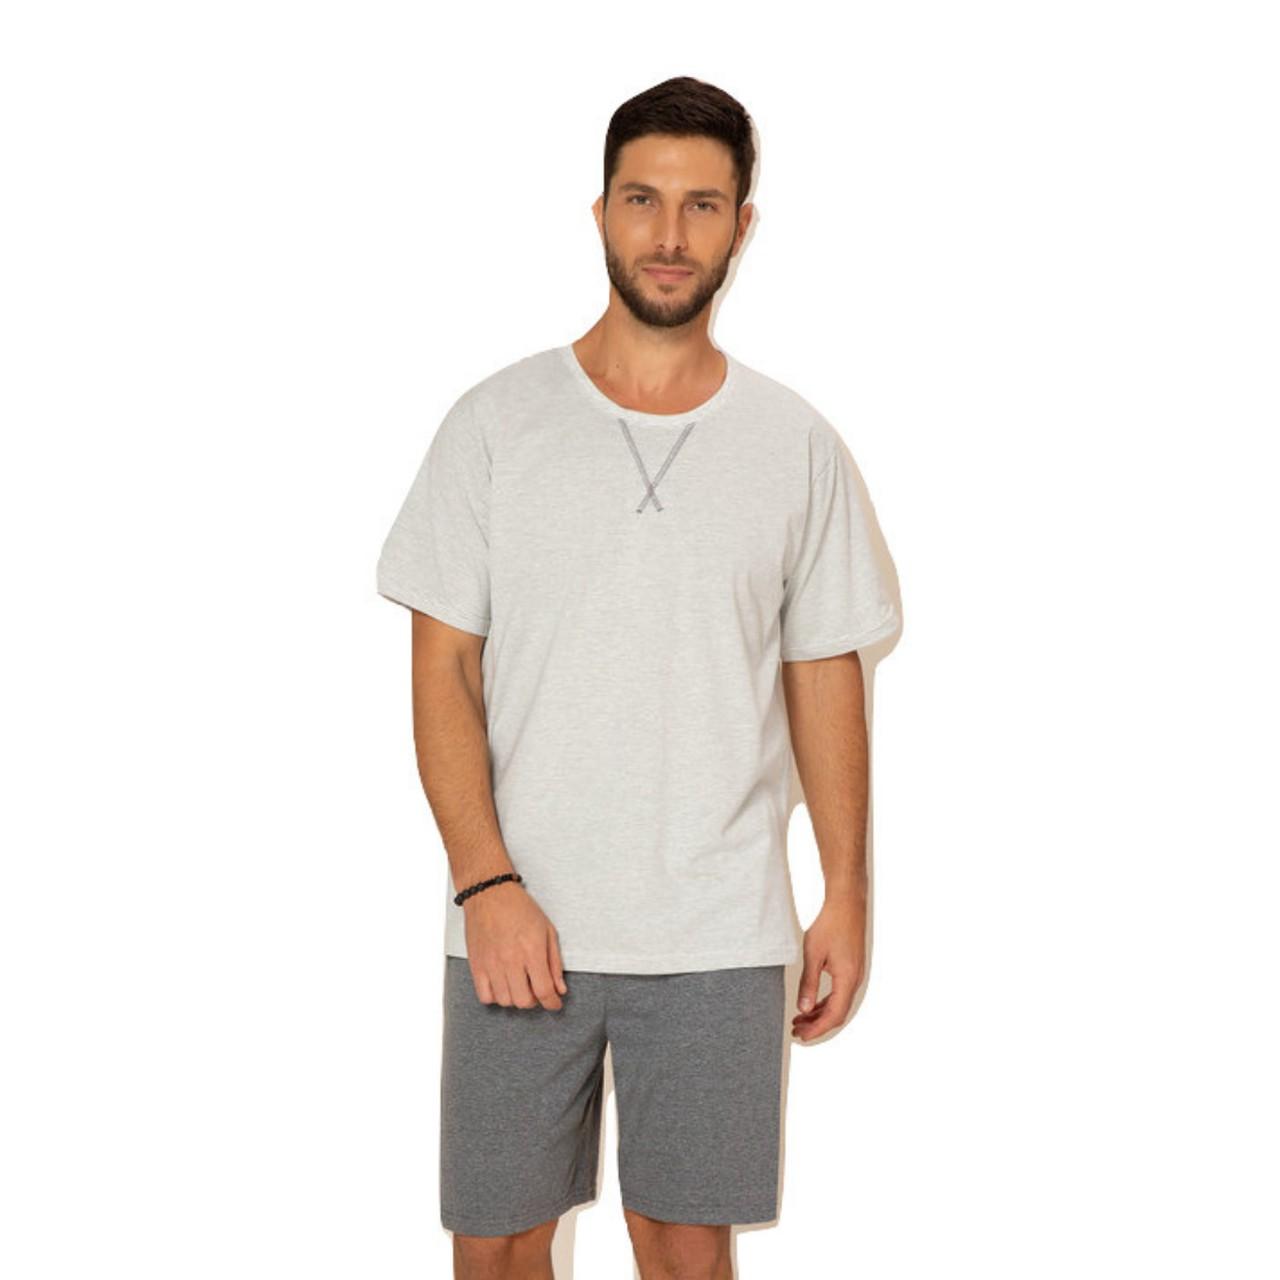 Pijama curto de algodão masculino blusa manga short mesclá